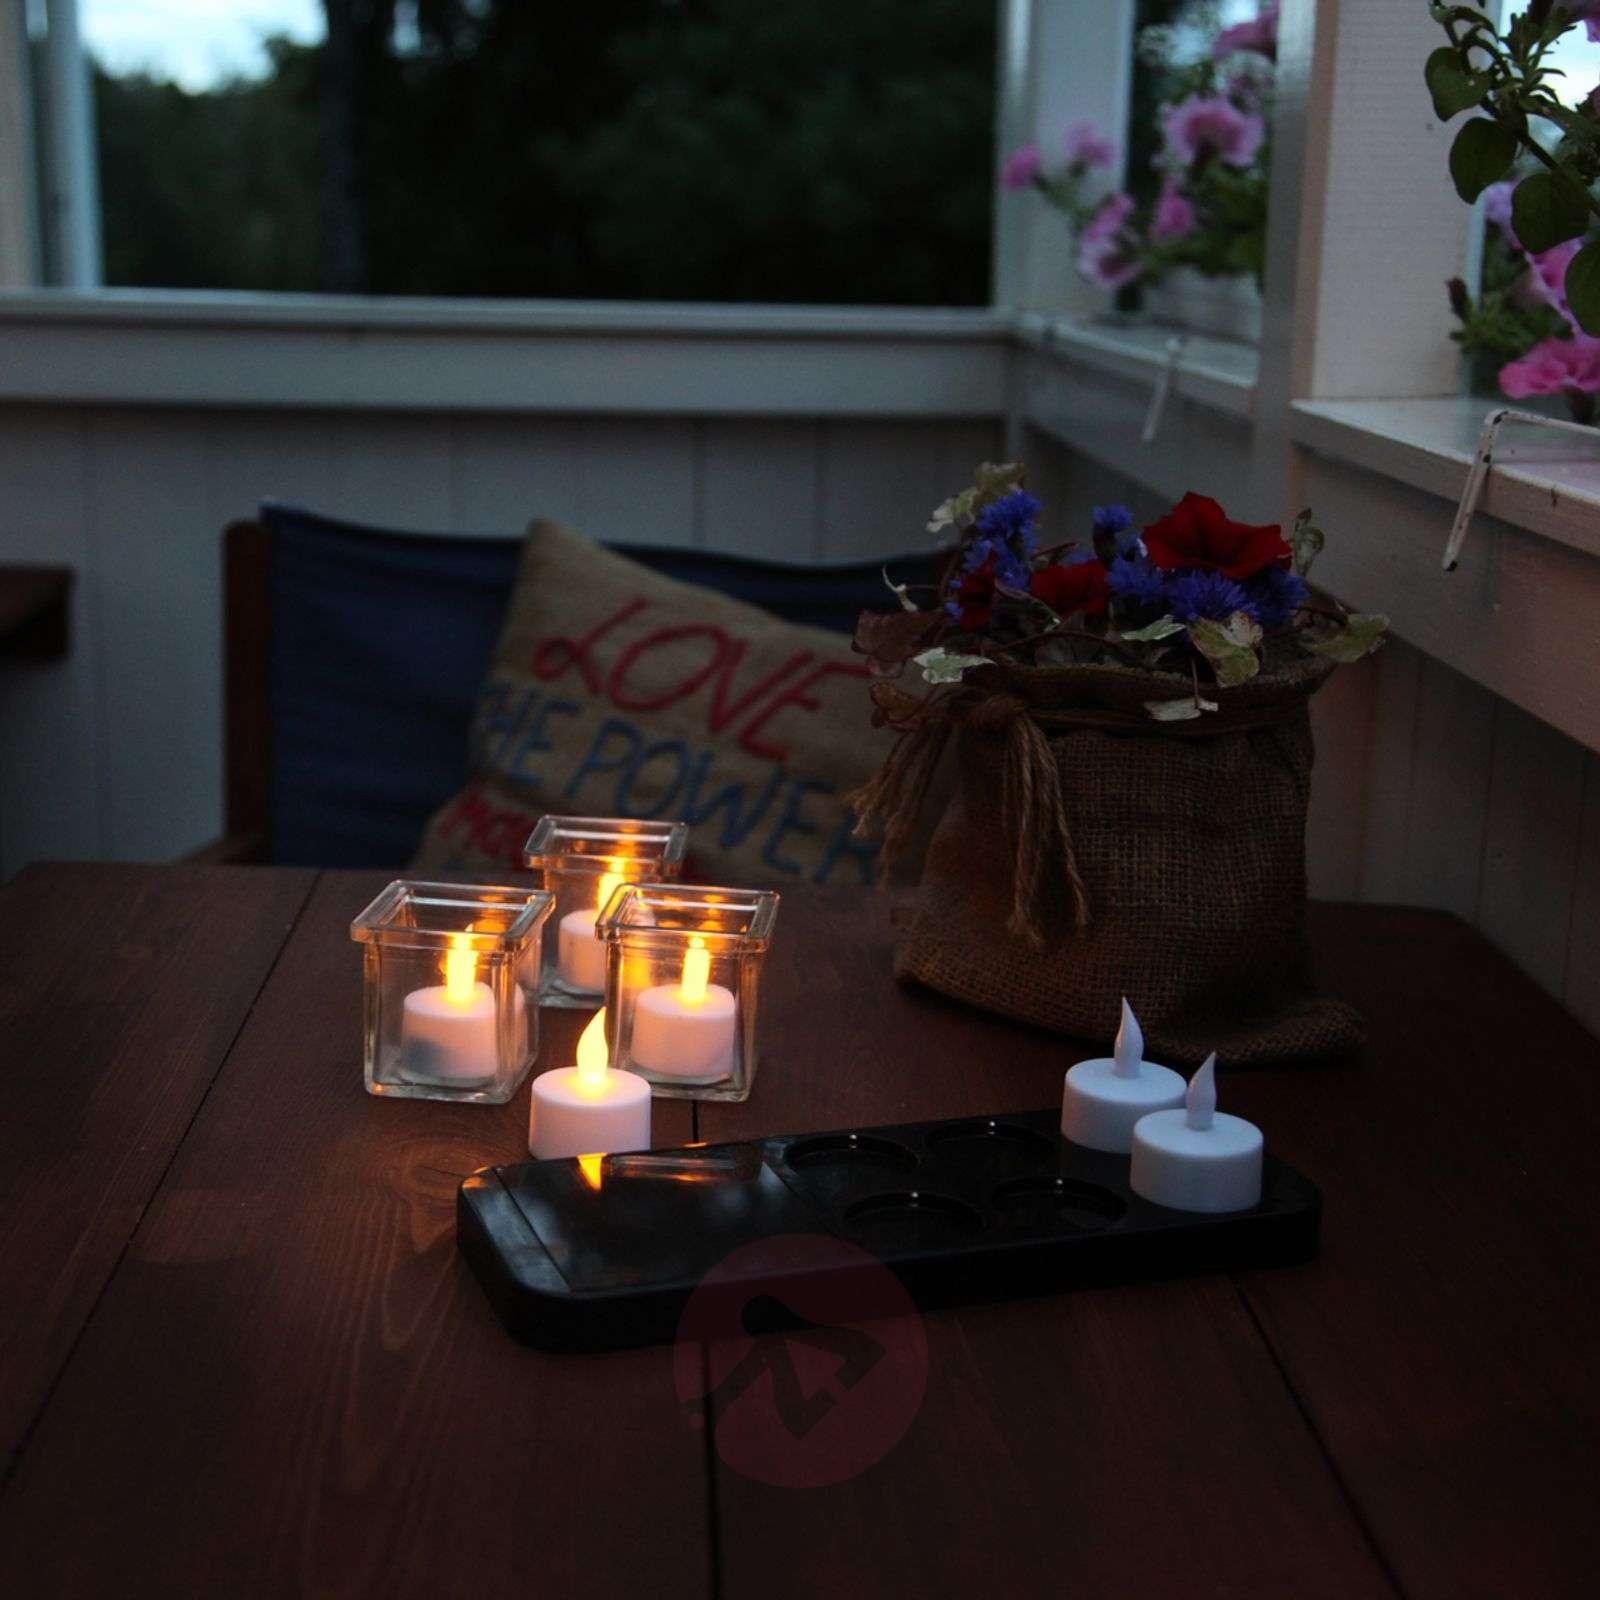 LED-T-Light, 6 tuikkua, aurinkokäytt. latausasema-1522995-01